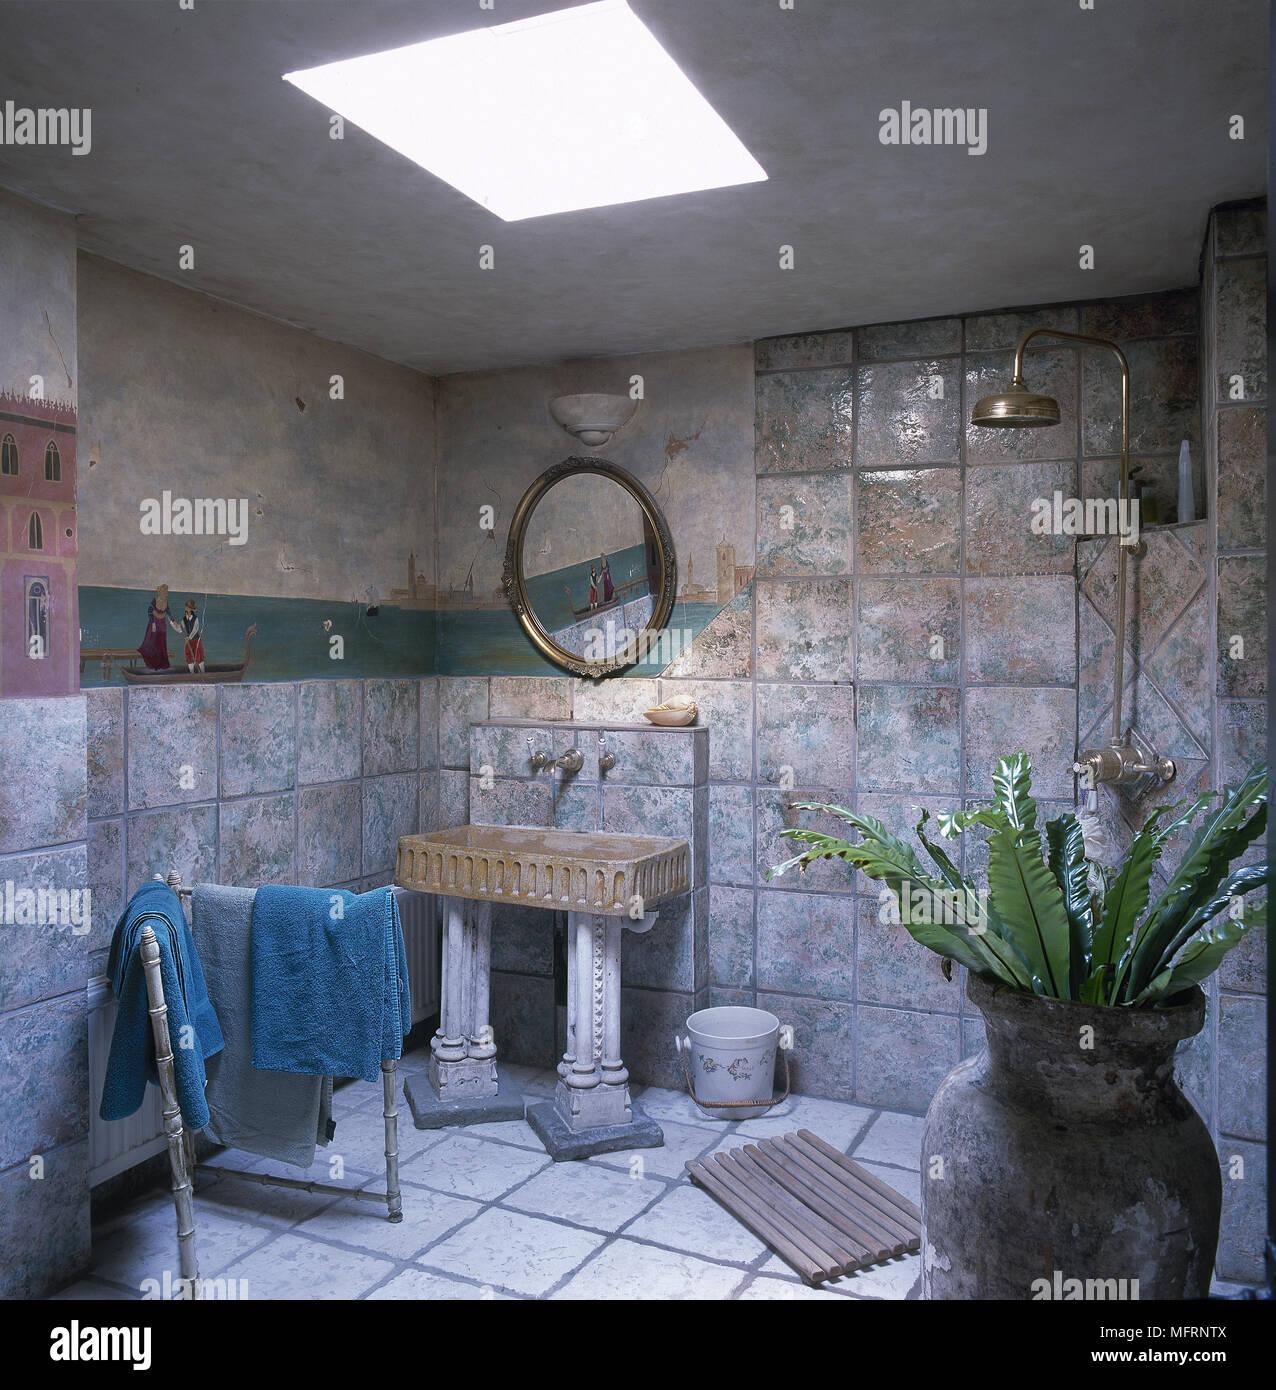 Baño rústico, cuarto de baño con lavabo de piedra sobre ...